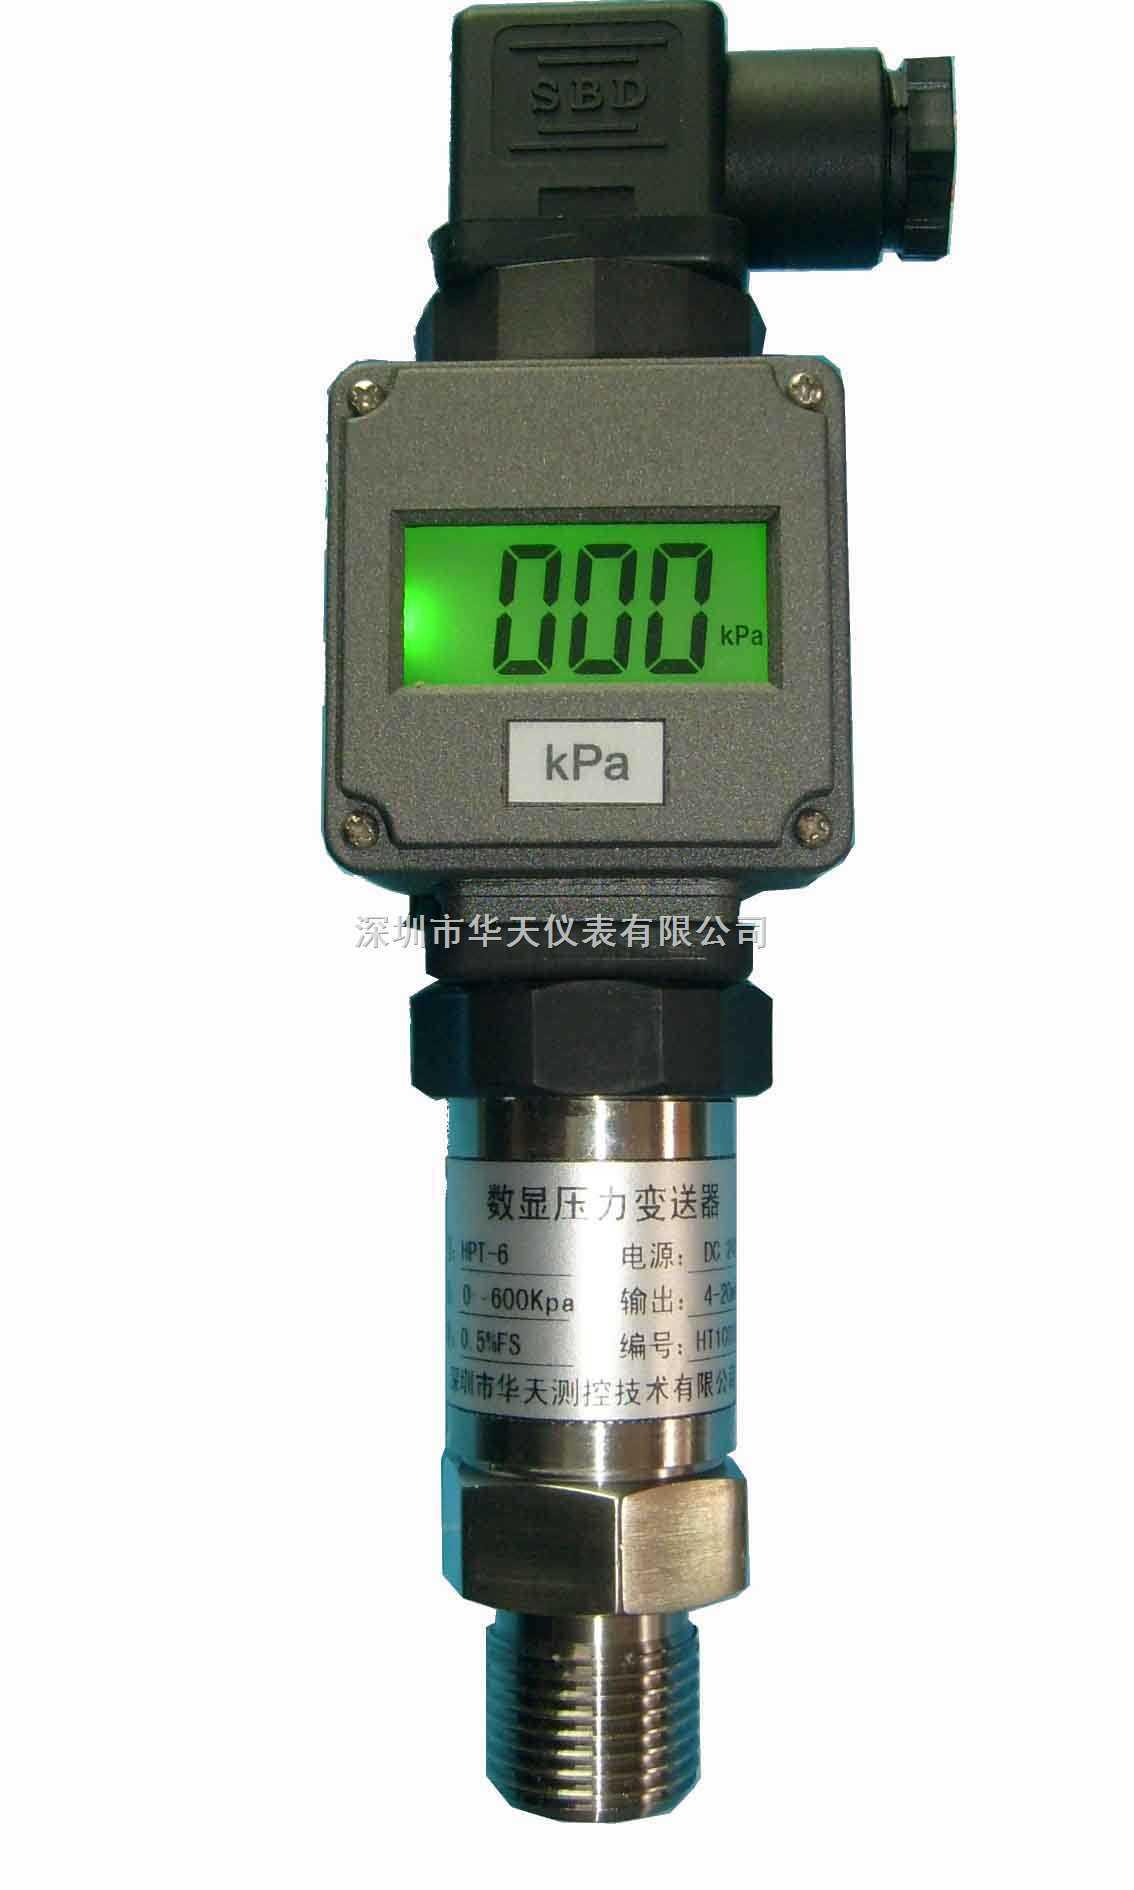 小型数显压力传感器